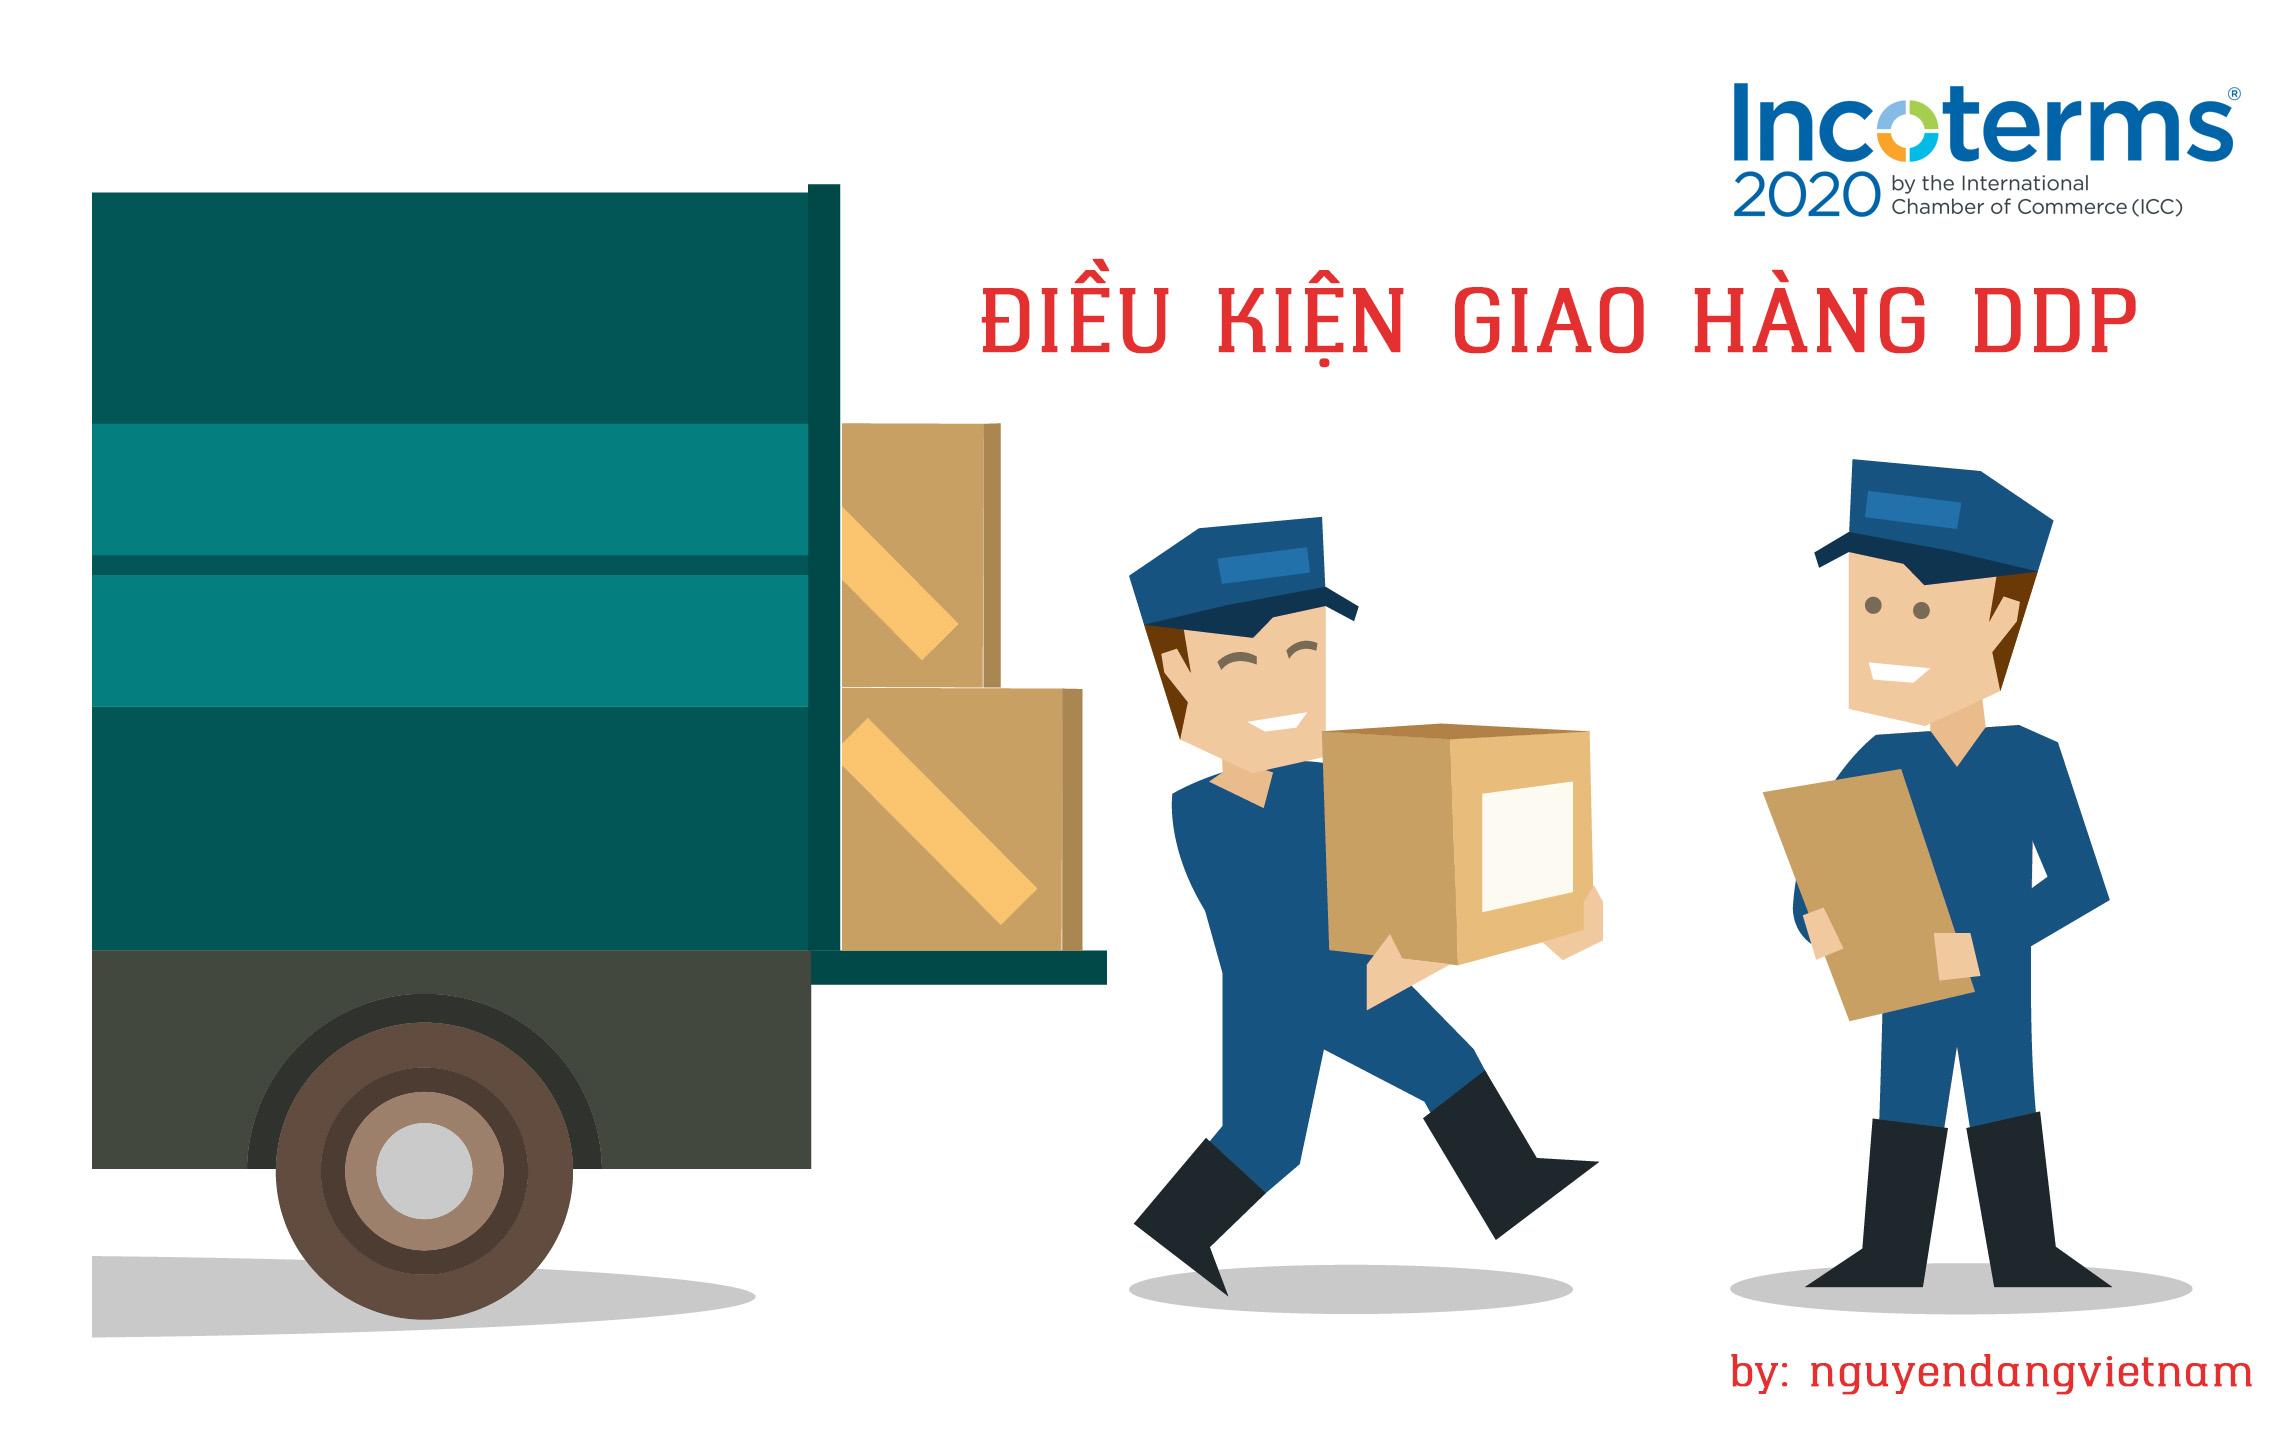 Điều kiện giao hàng DDP Incoterms 2020